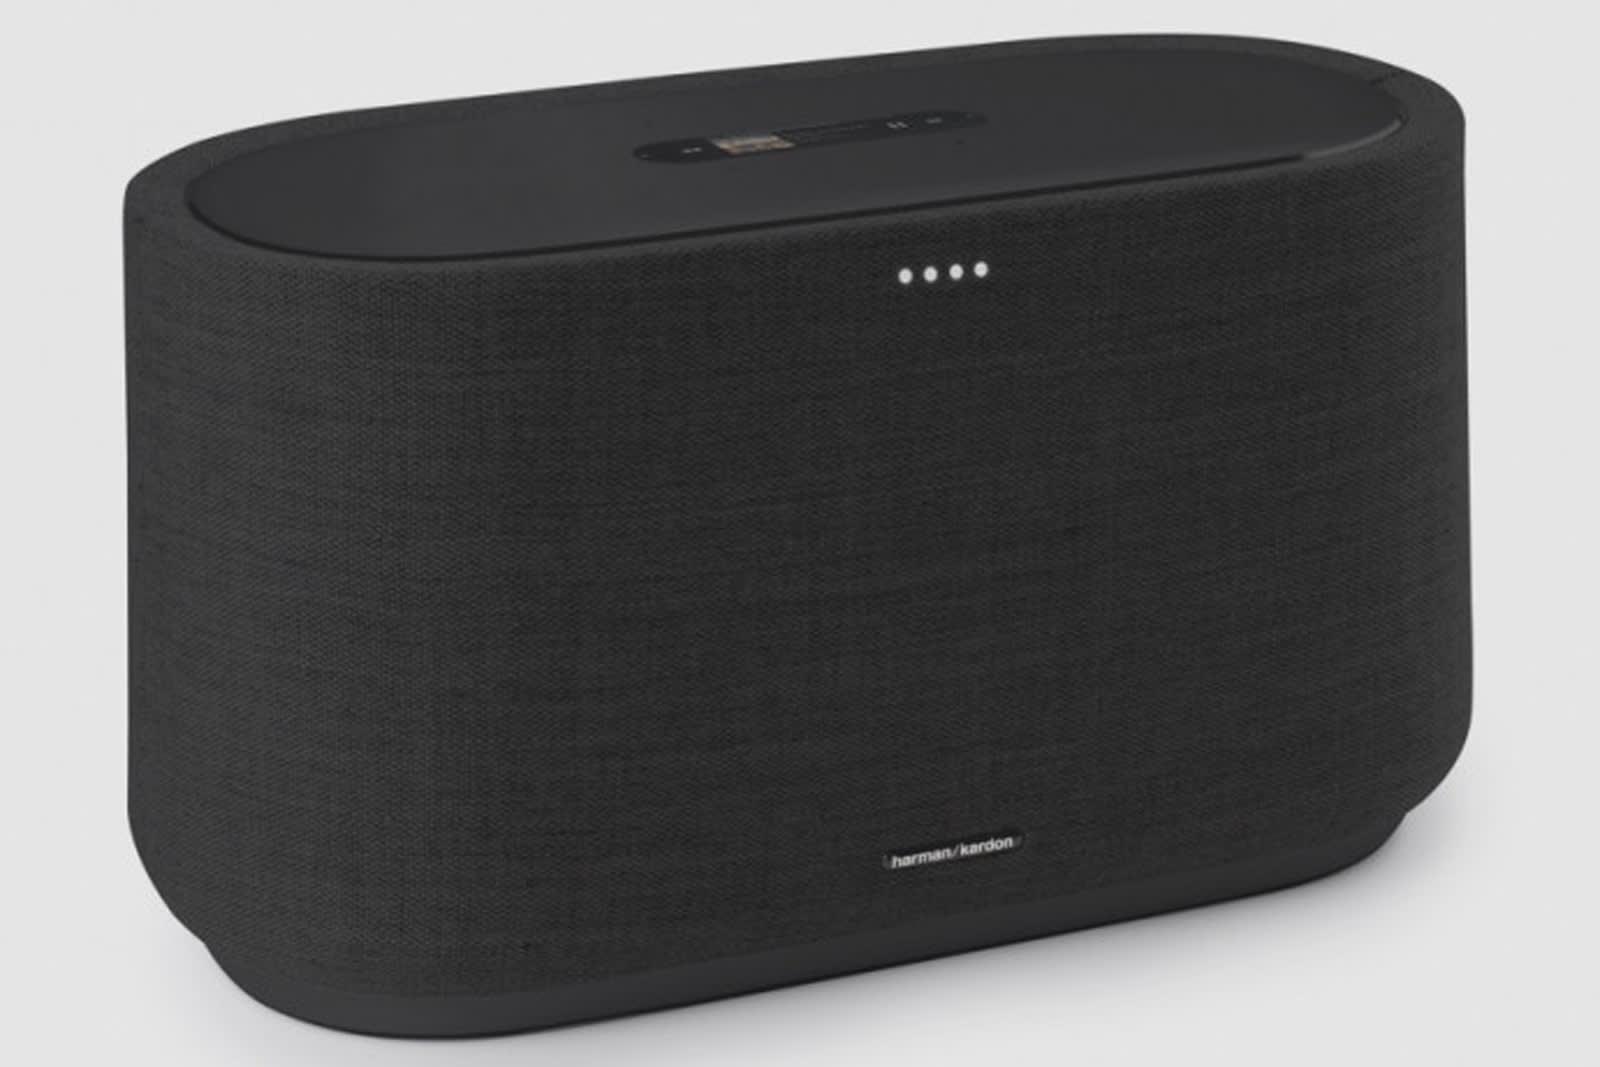 Harman Kardon S Google Assistant Speaker Packs 200w Of Power